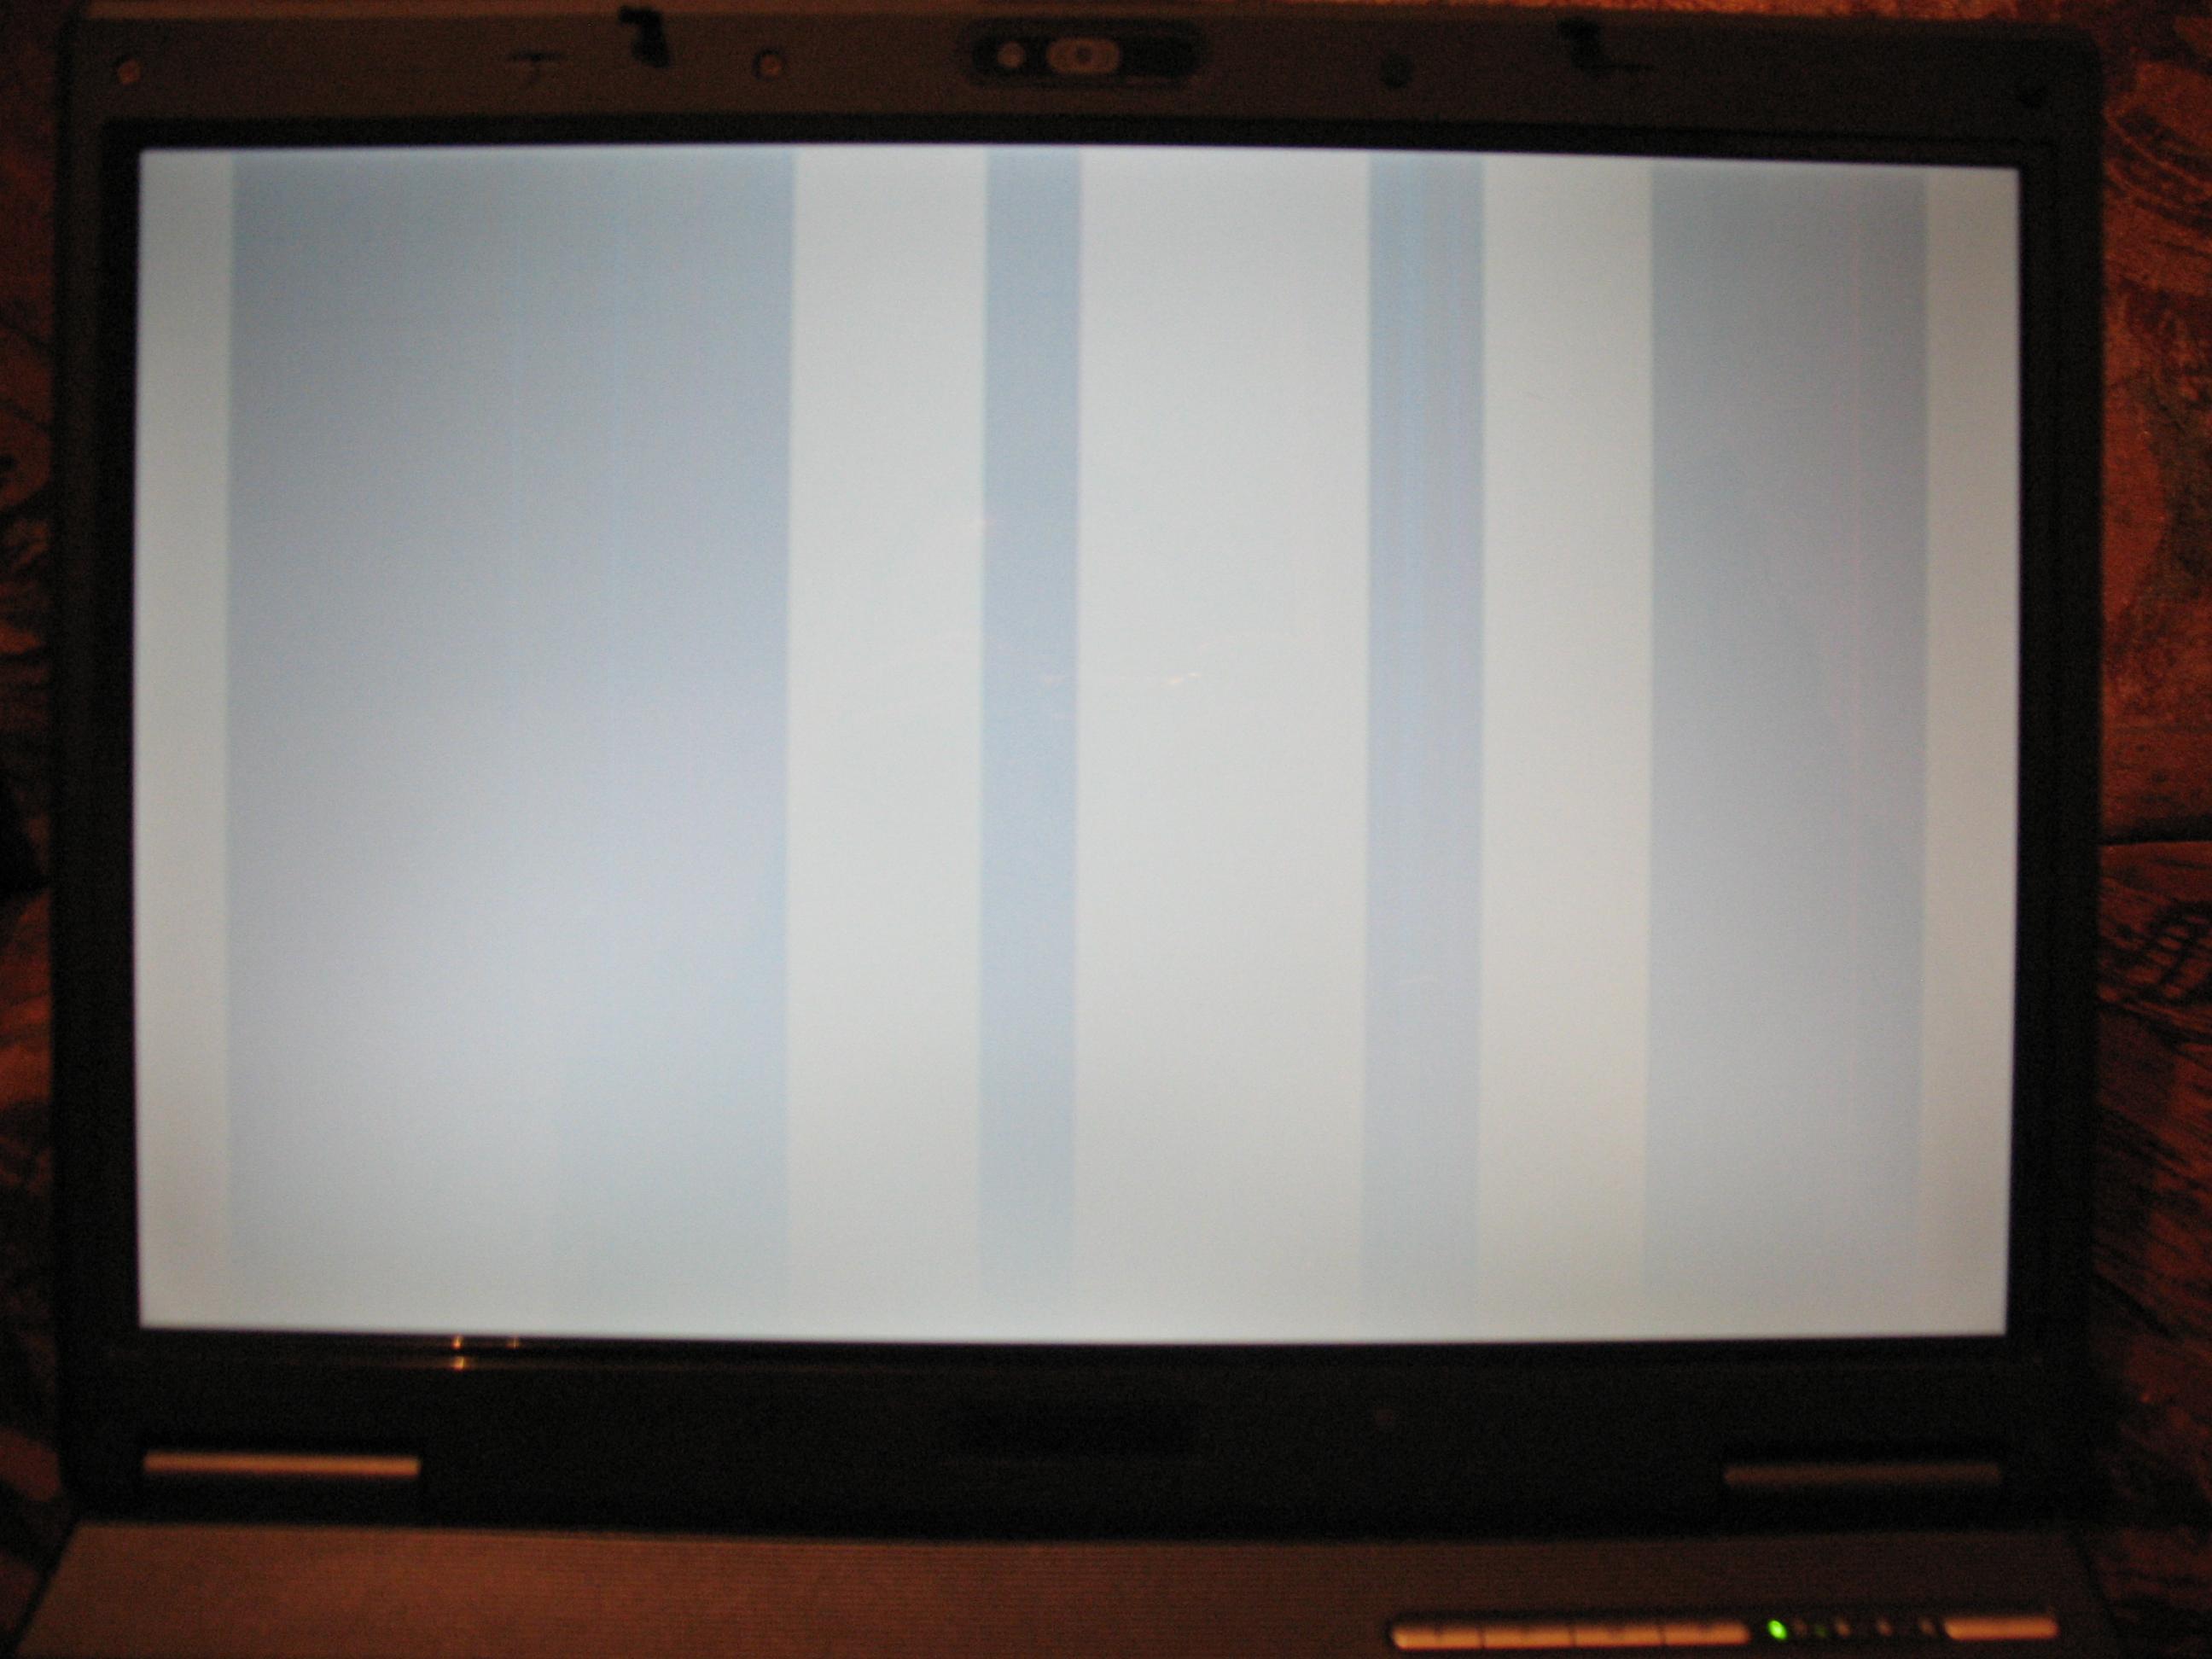 Asus S96S - nie dzia�a - tylko �wiecenie ekranu